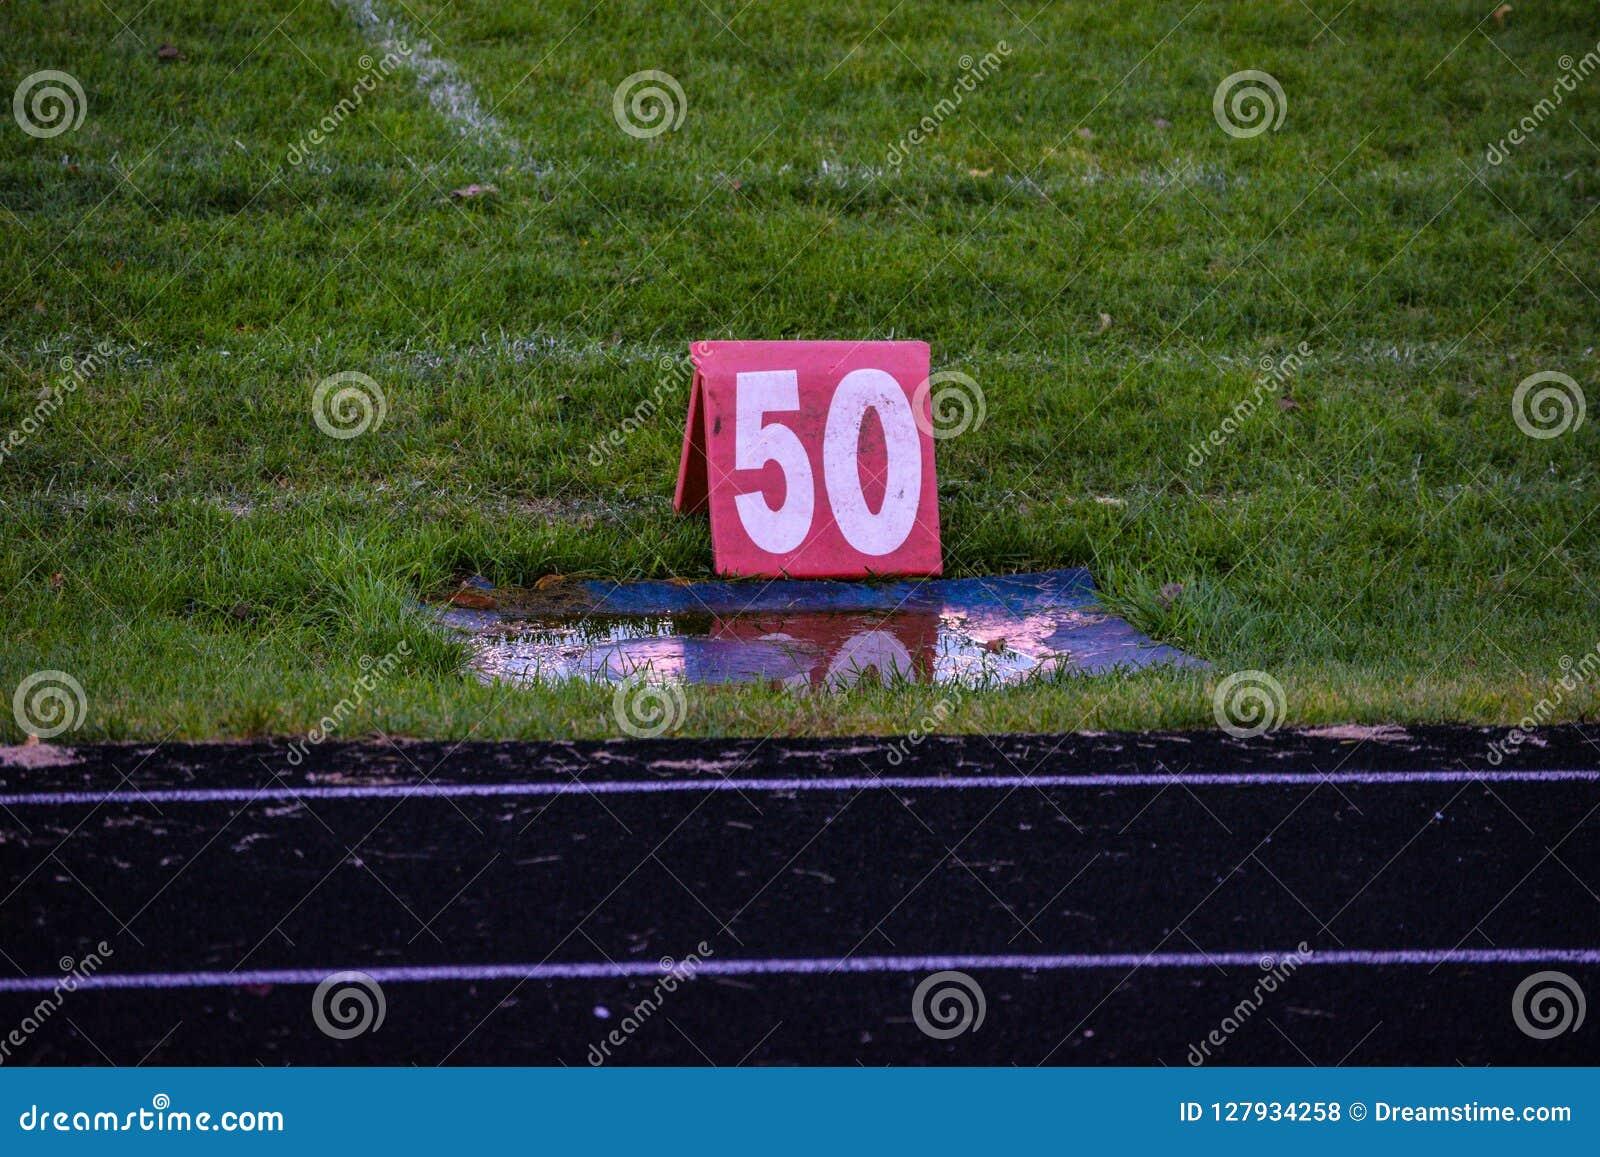 Marcador de 50 linhas de jardas em um jogo de futebol da High School